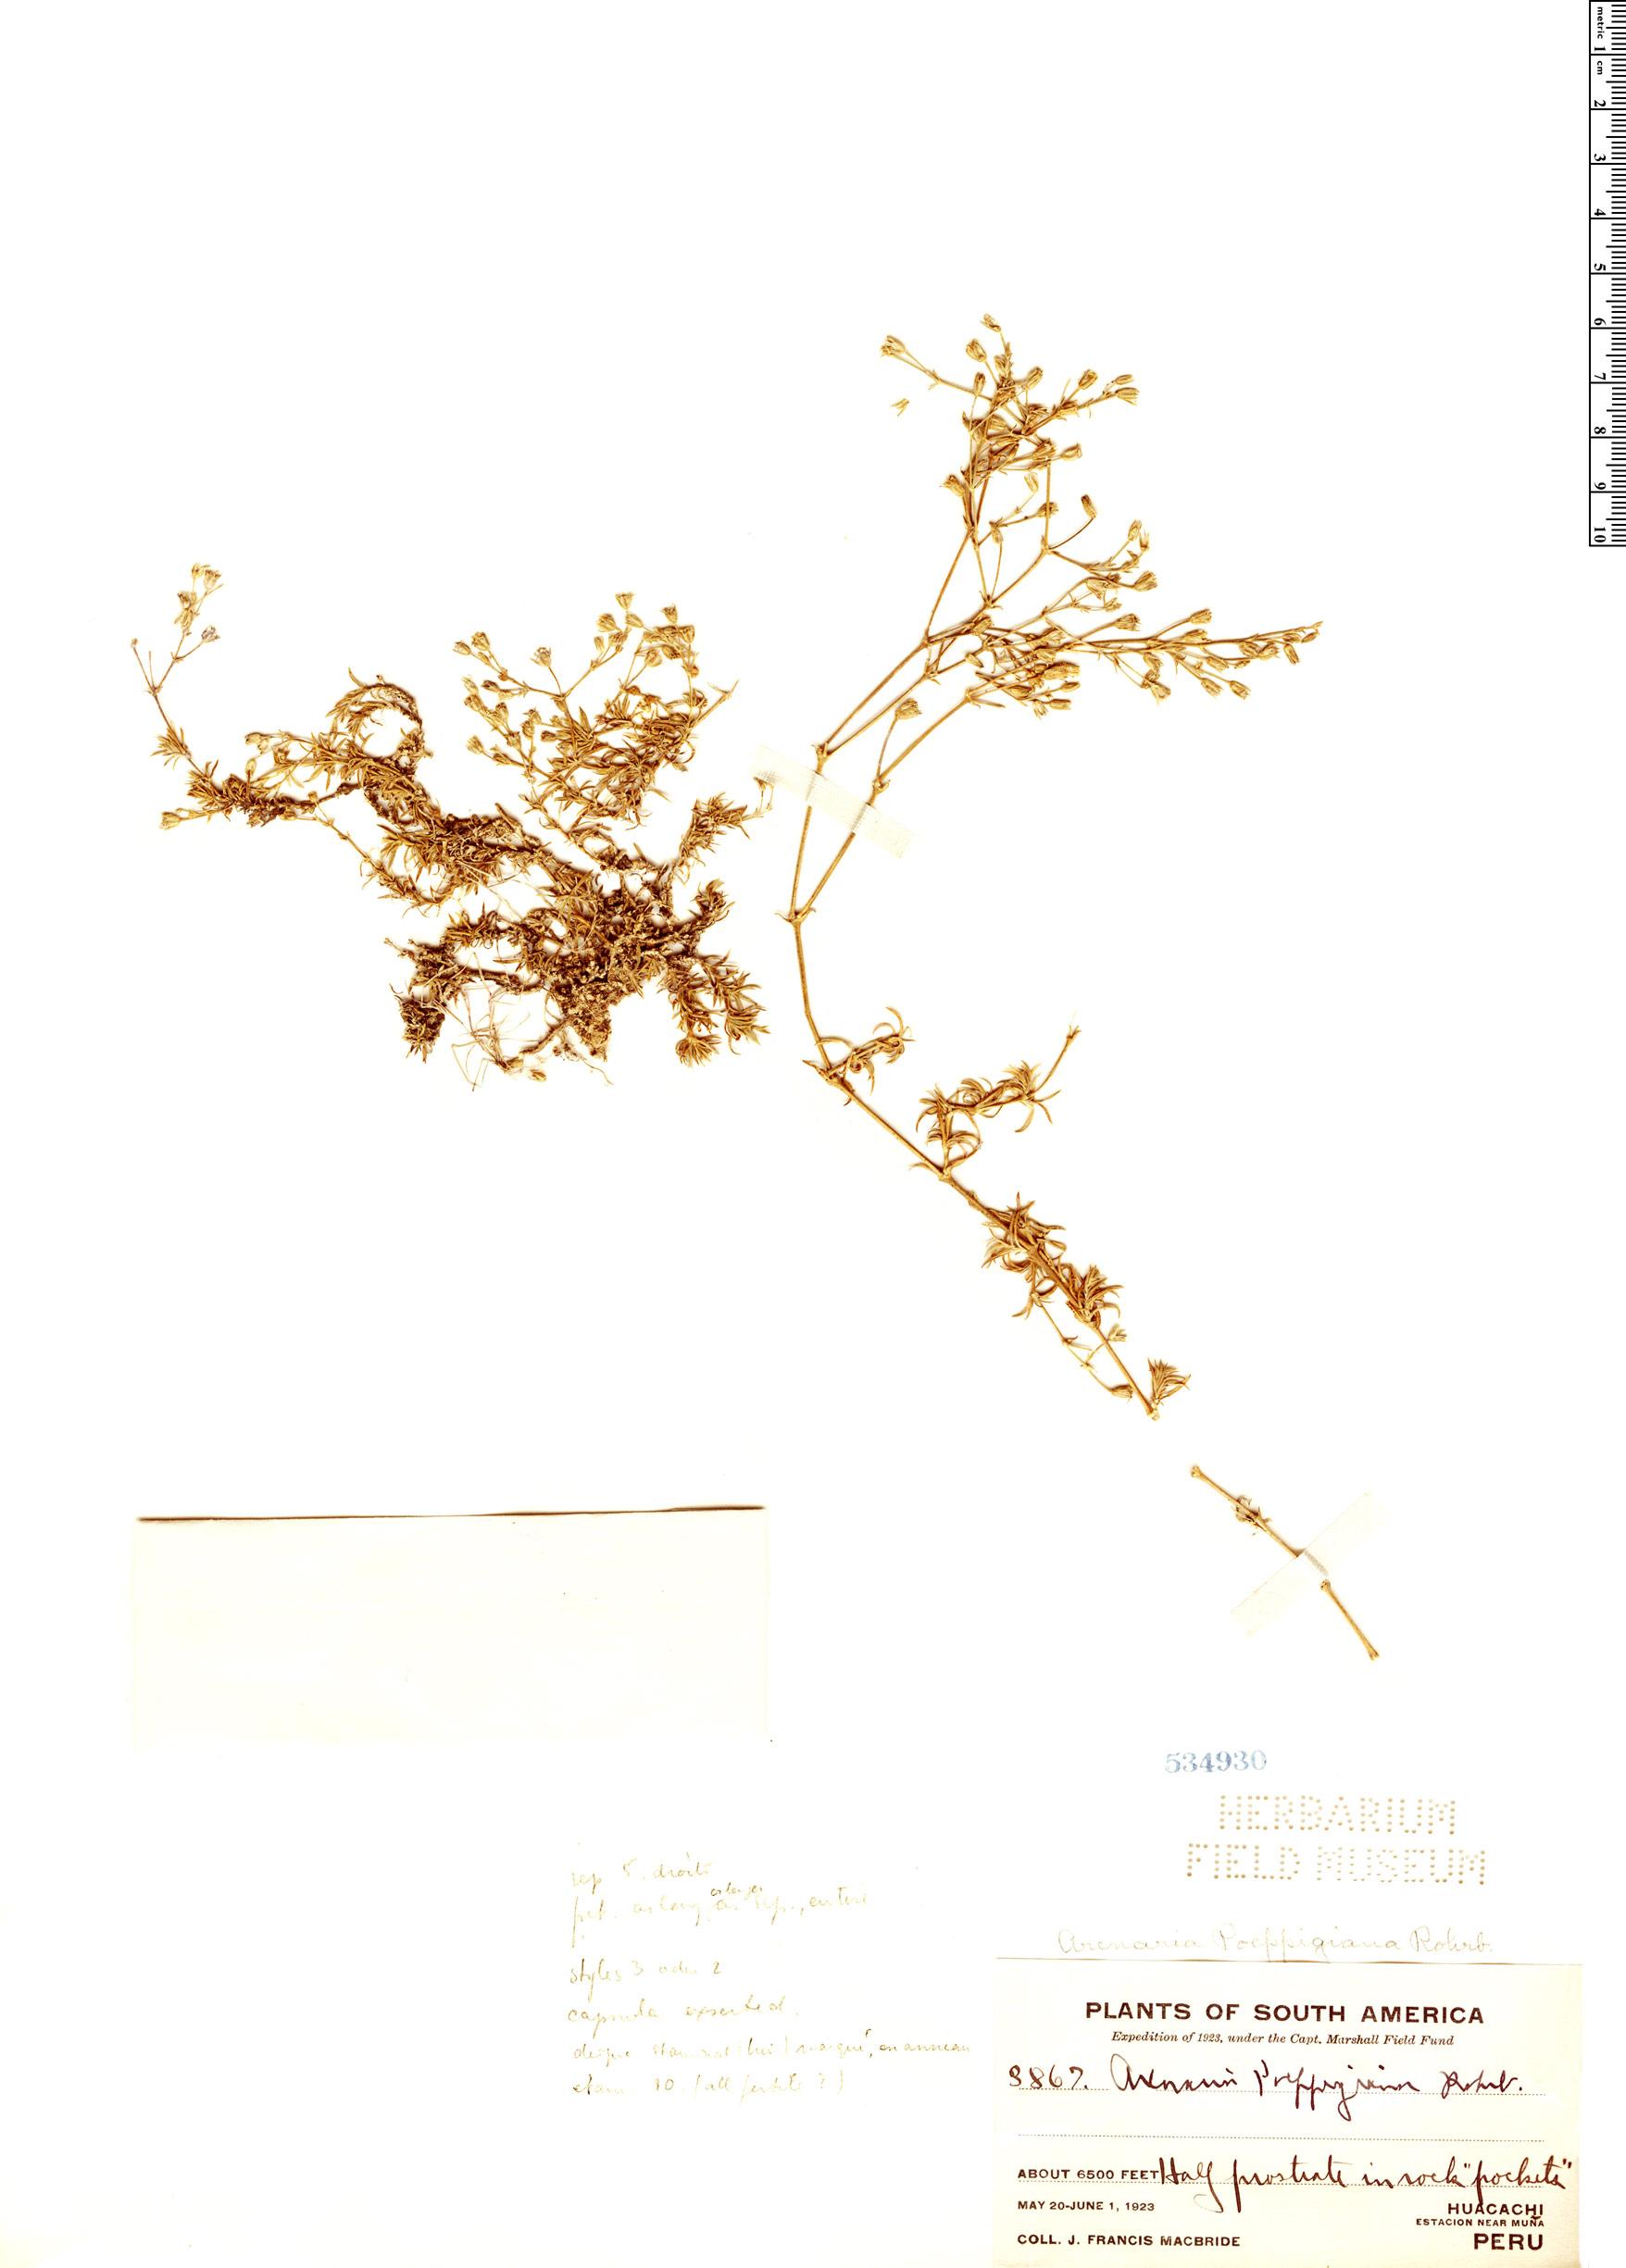 Specimen: Arenaria poeppigiana